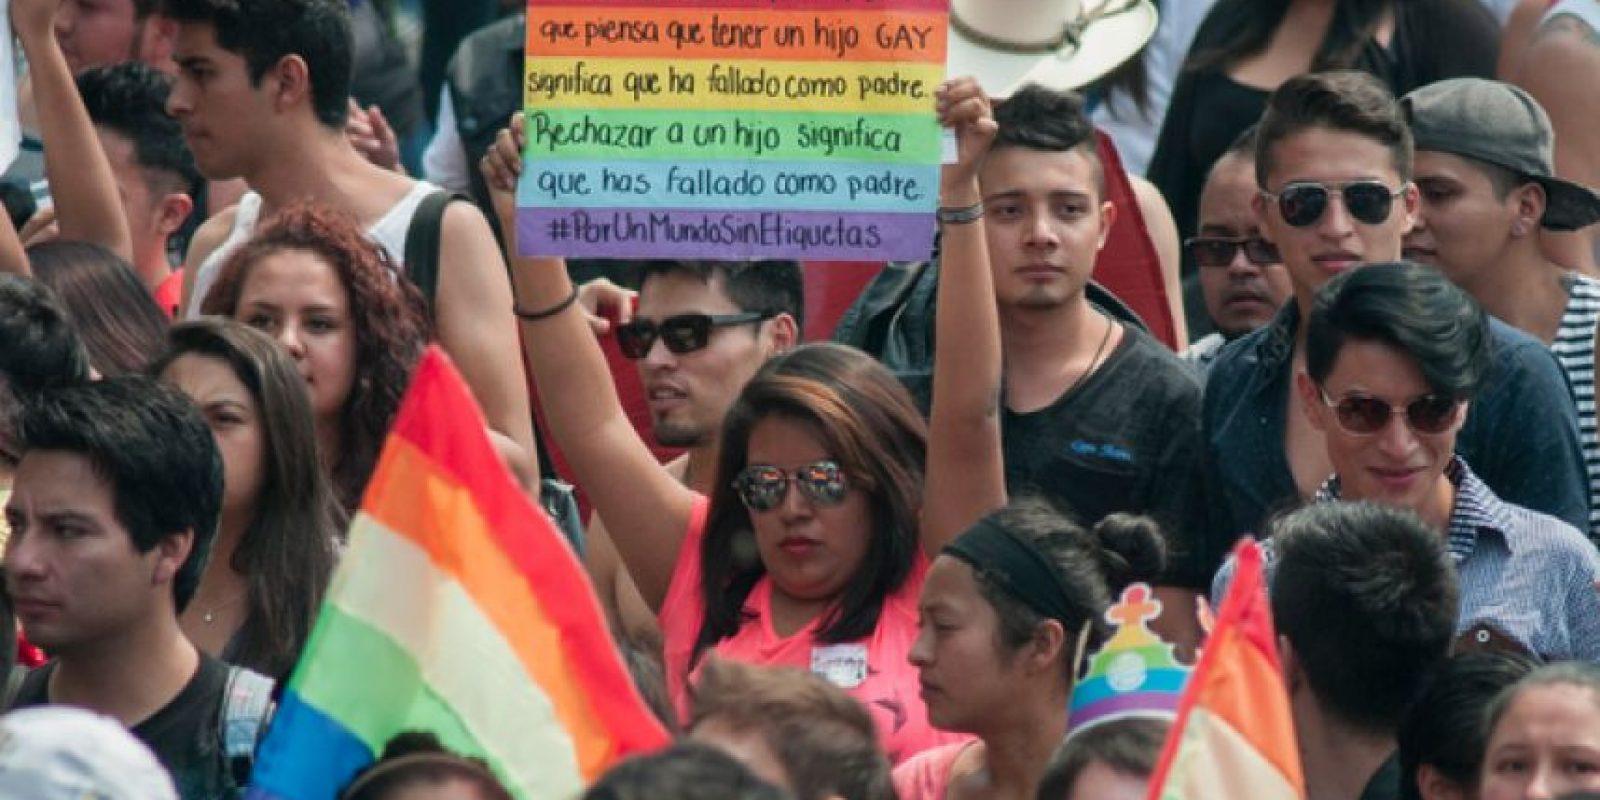 La movilización parte del Ángel de la Independencia al mediodía. Foto:Cuartoscuro/Archivo